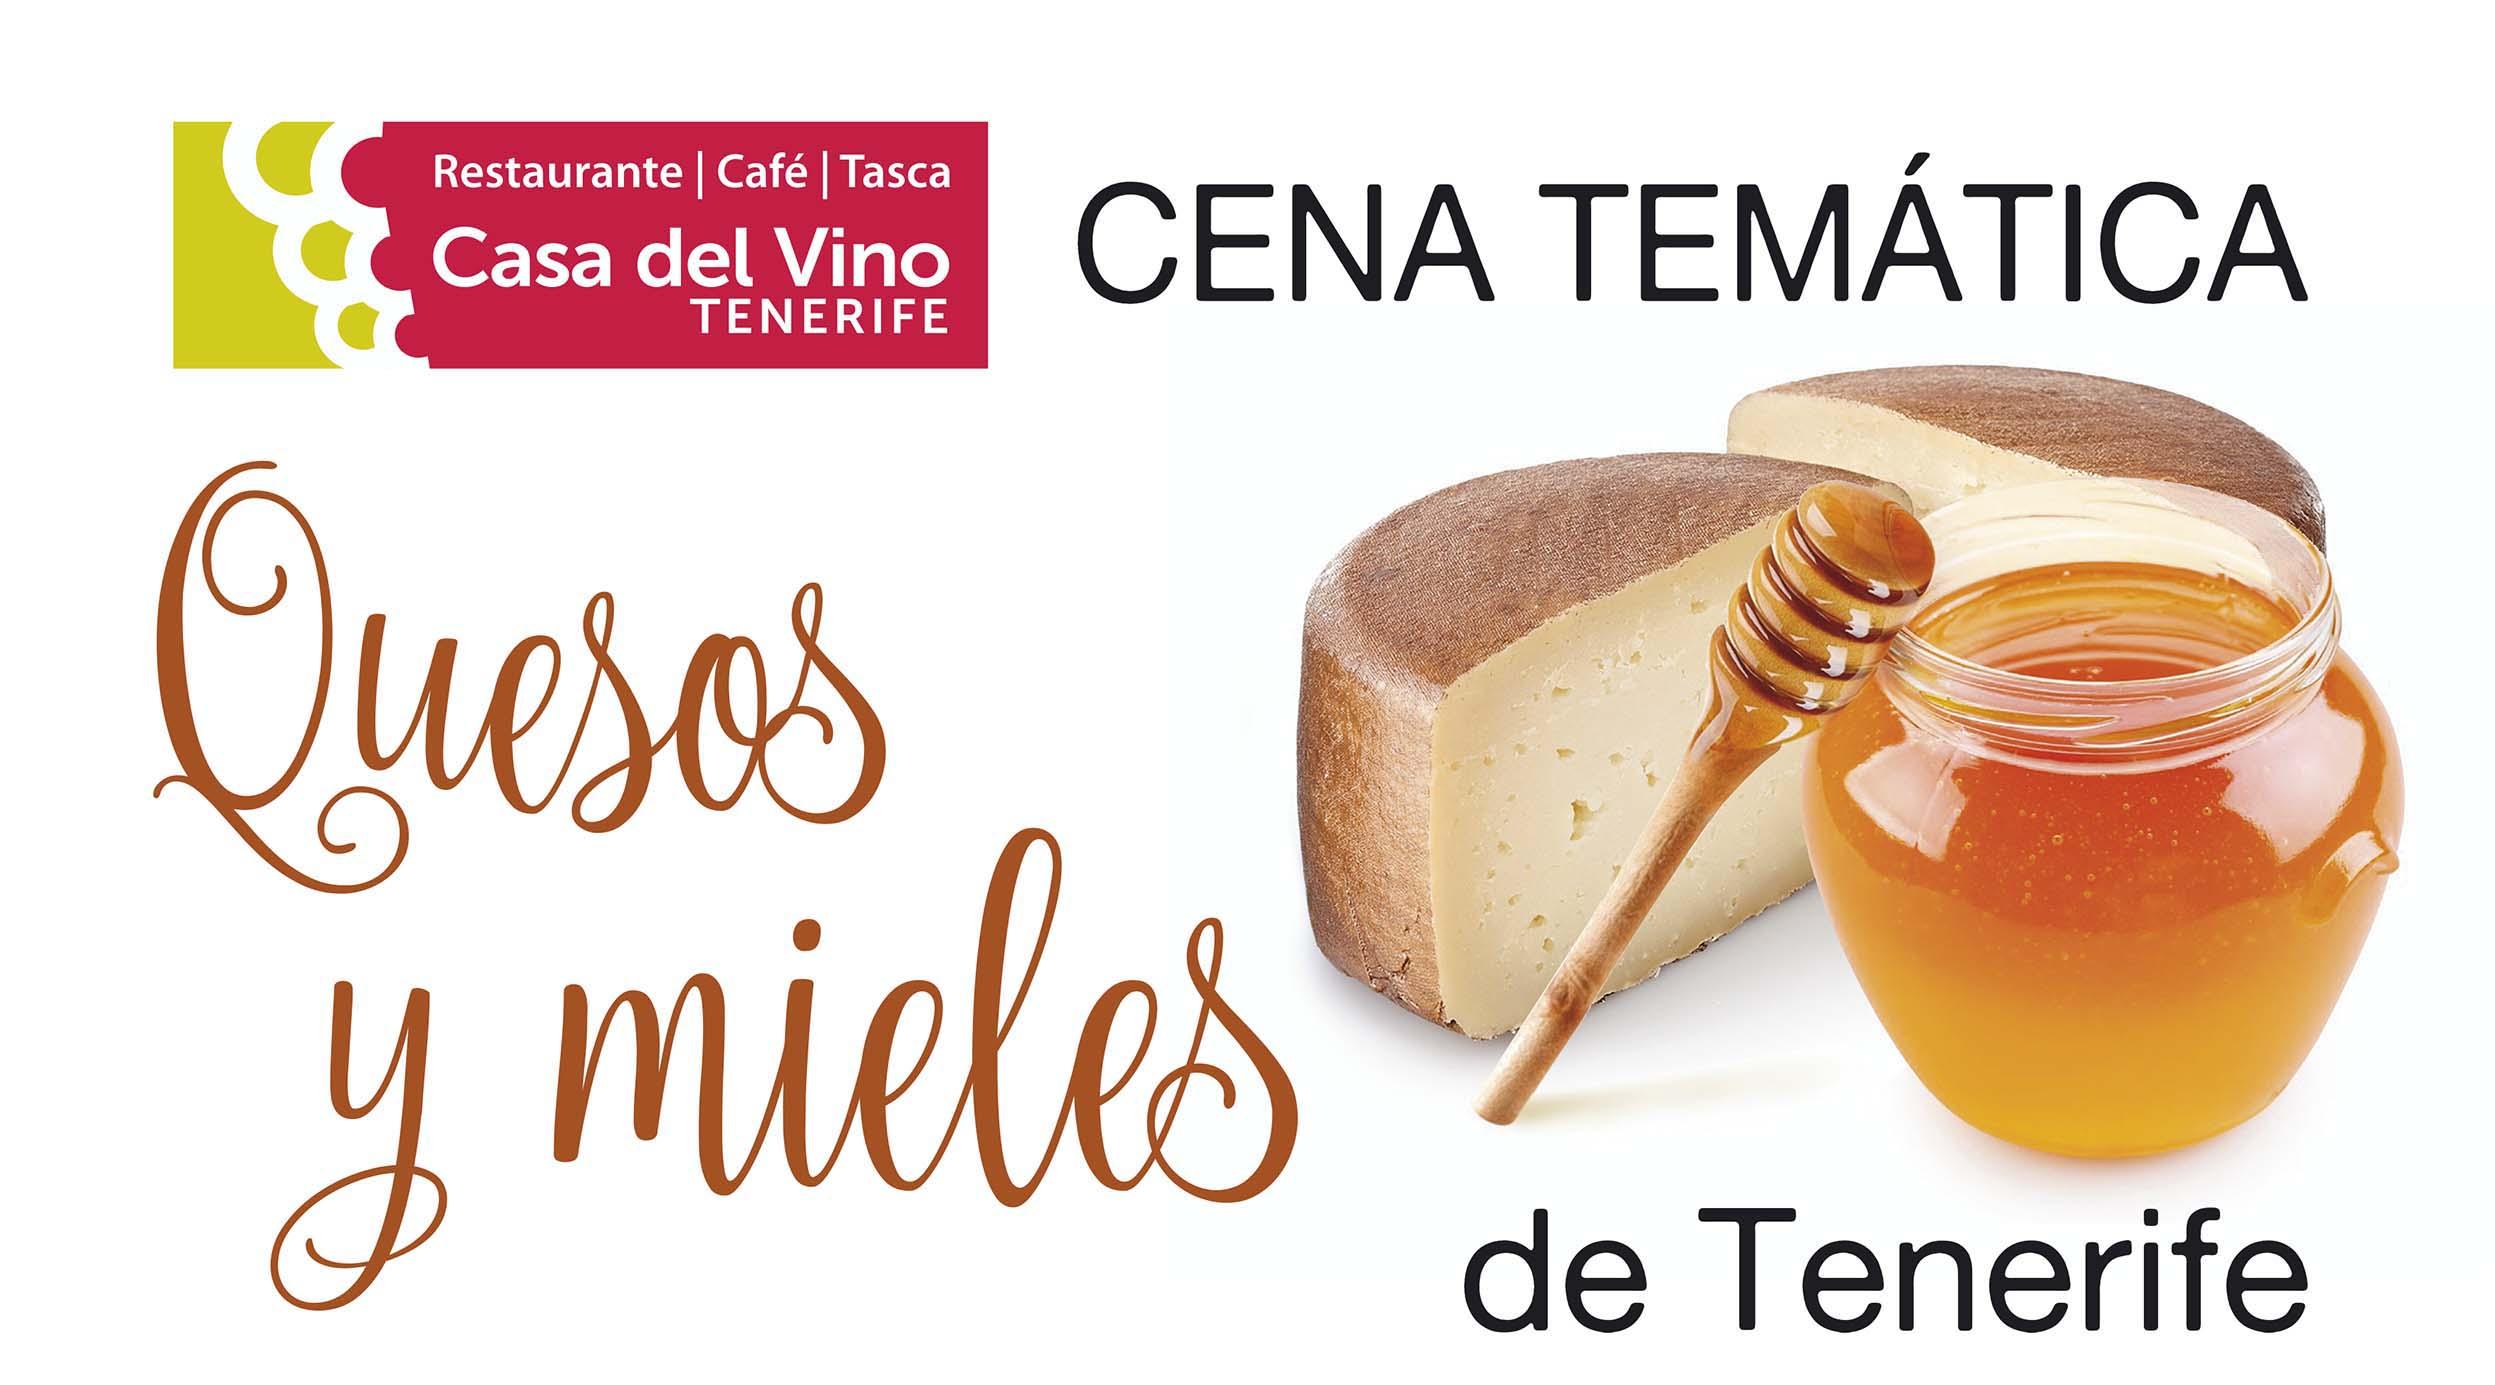 Cena temática de quesos y mieles de Tenerife. Casa del Vino Tenerife 17 de marzo